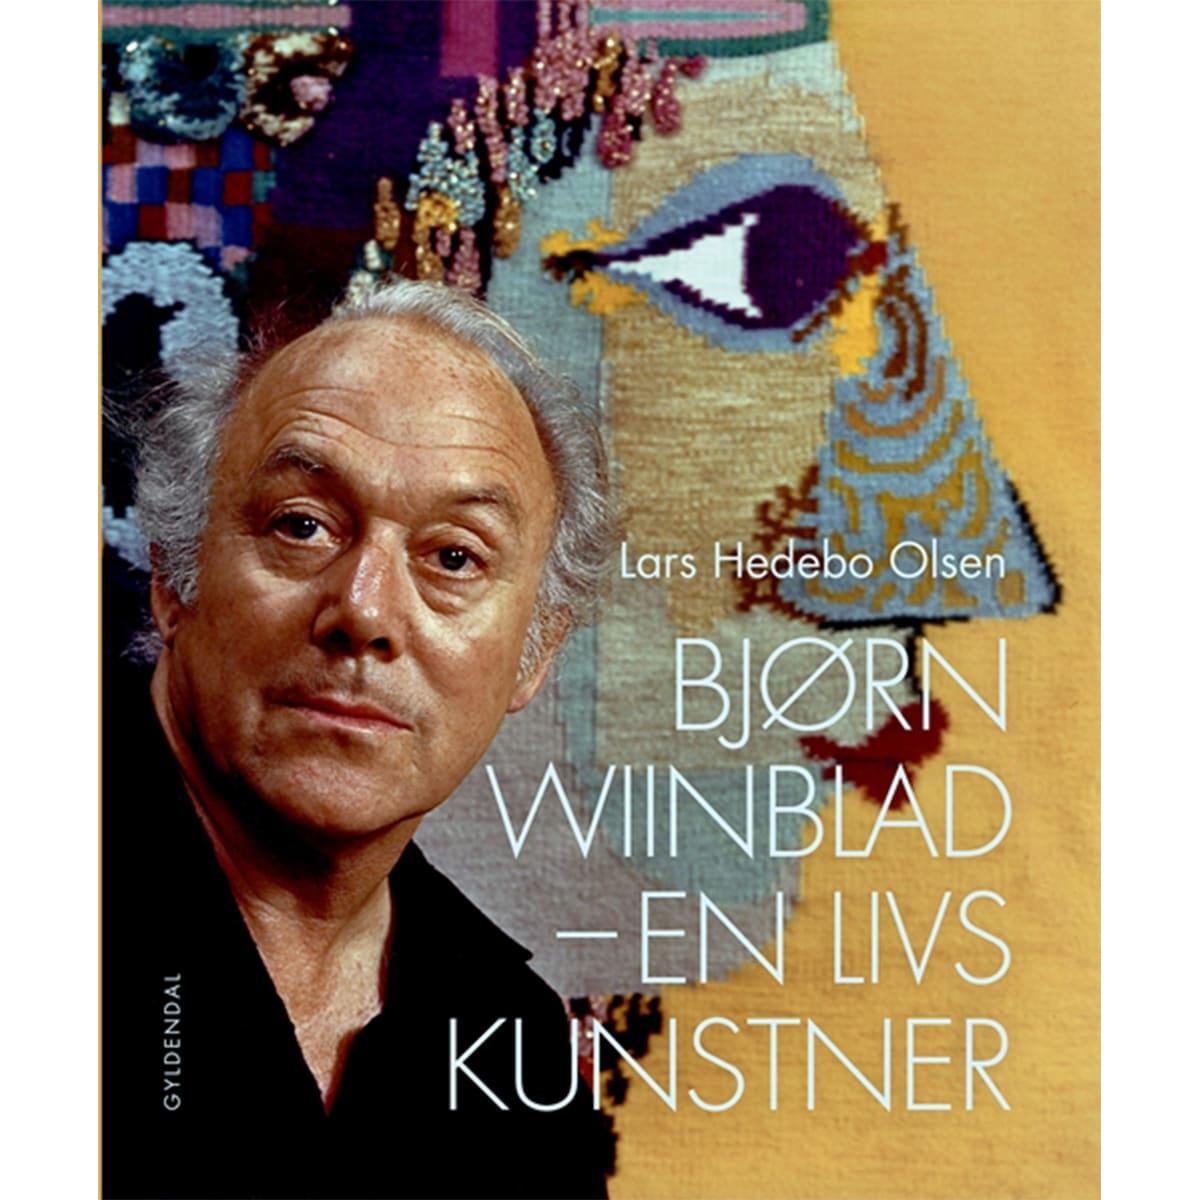 Af Lars Hedebo Olsen